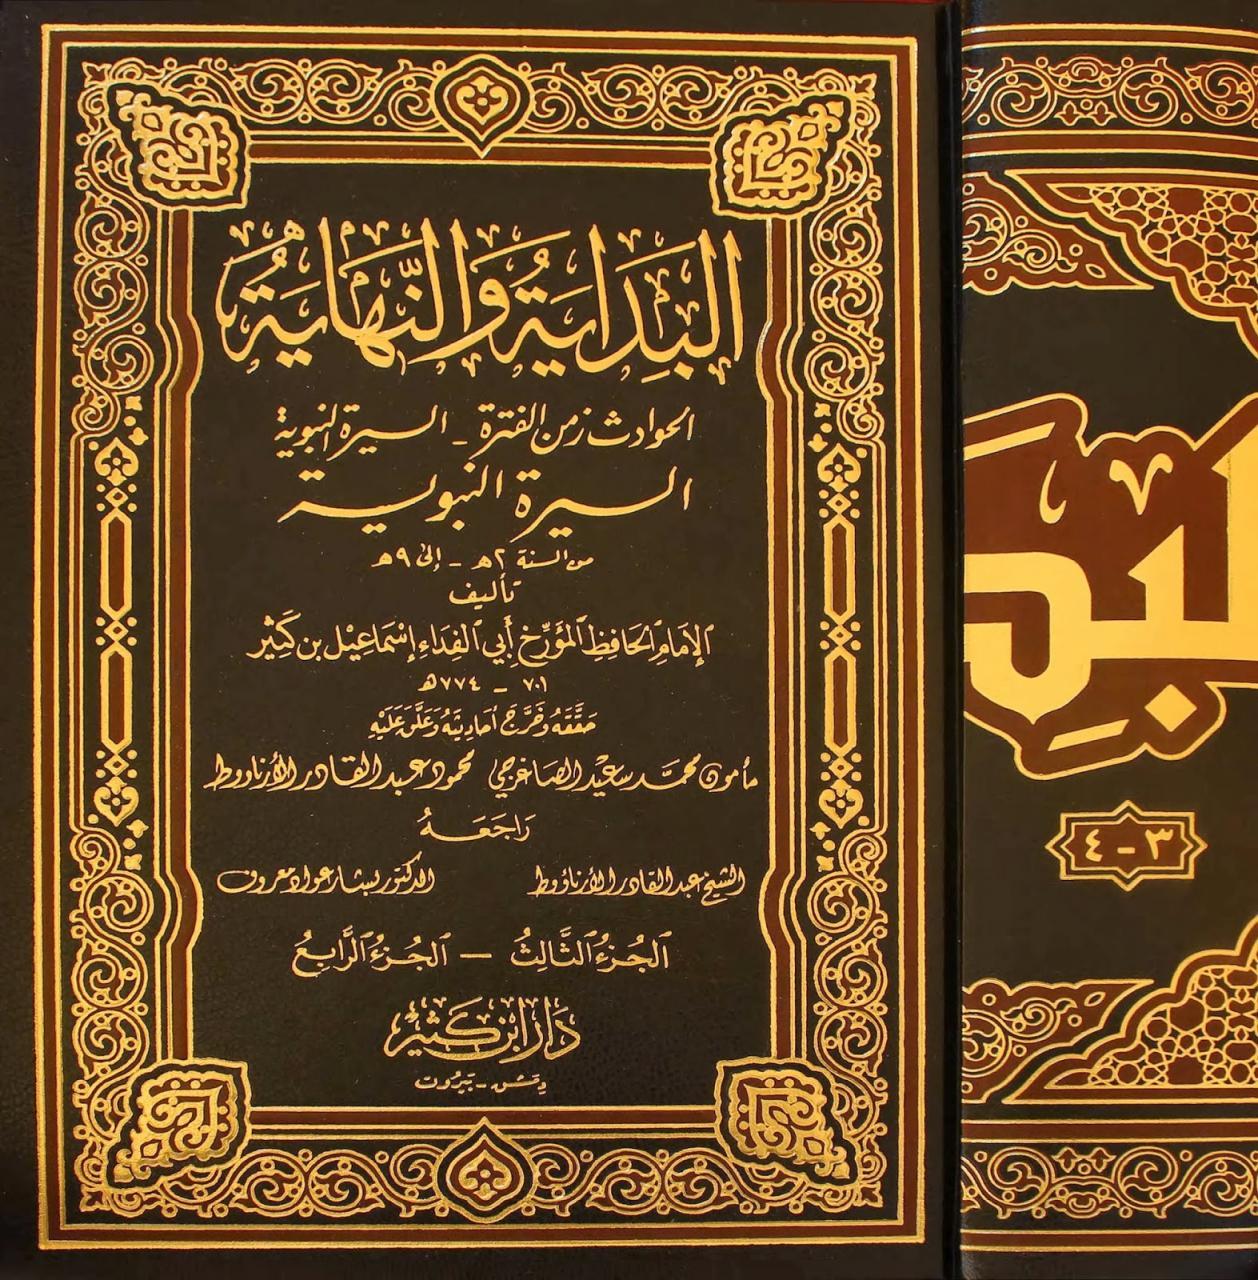 صورة كتاب السيرة النبوية لابن كثير pdf , حياة النبي من الالف للياء بين ايدك